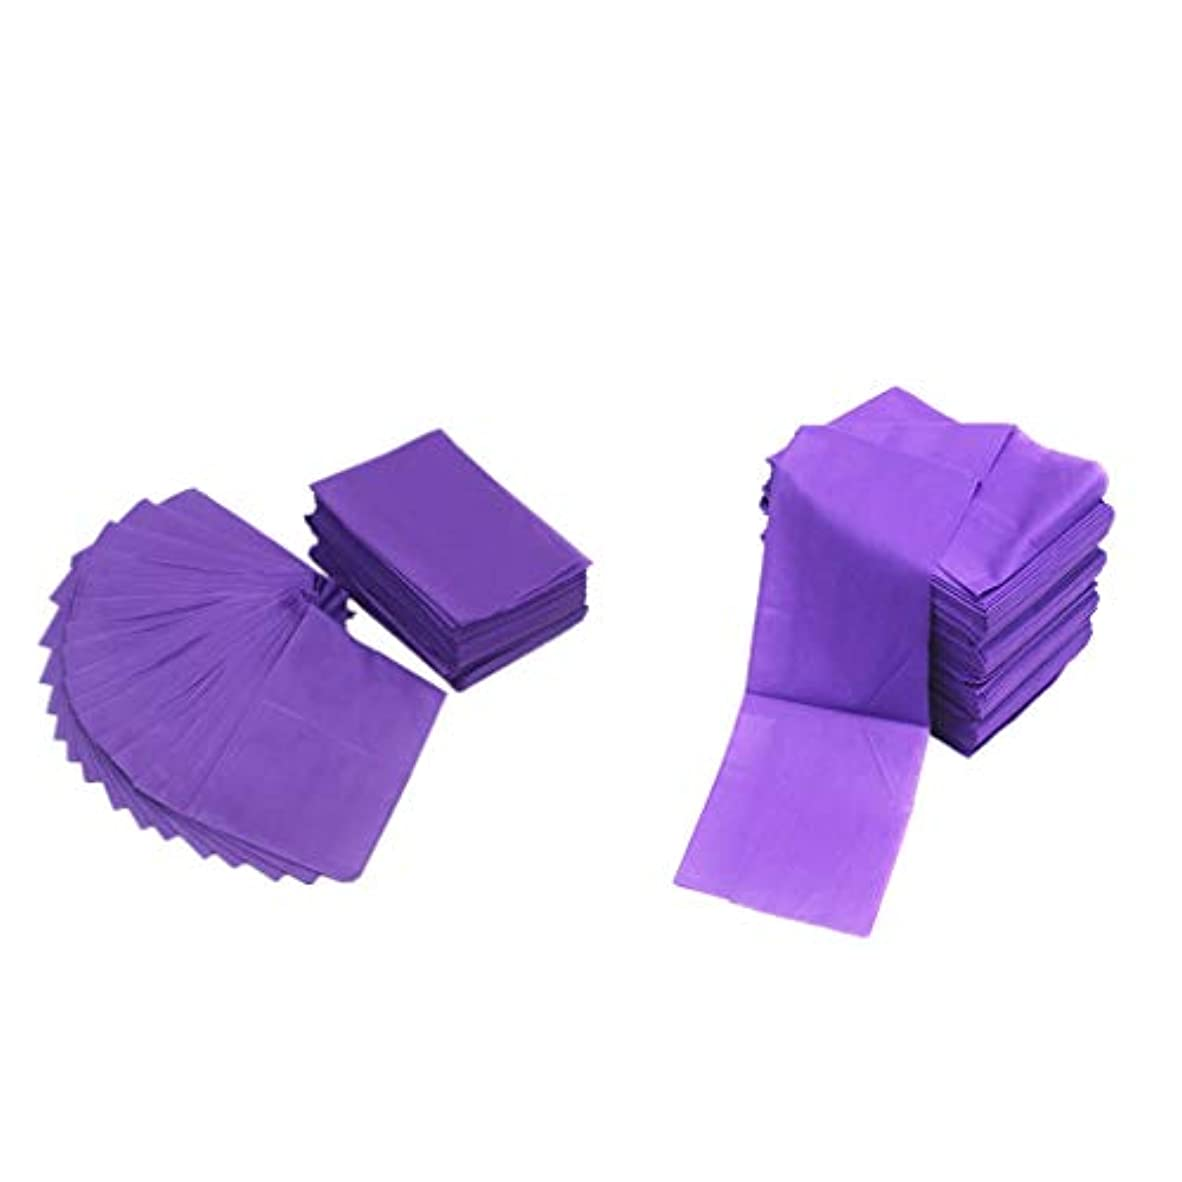 協力眼季節20ピースセット ベッドシーツ 使い捨て ベットシート 厚さ ビューティーサロン マッサージサロン